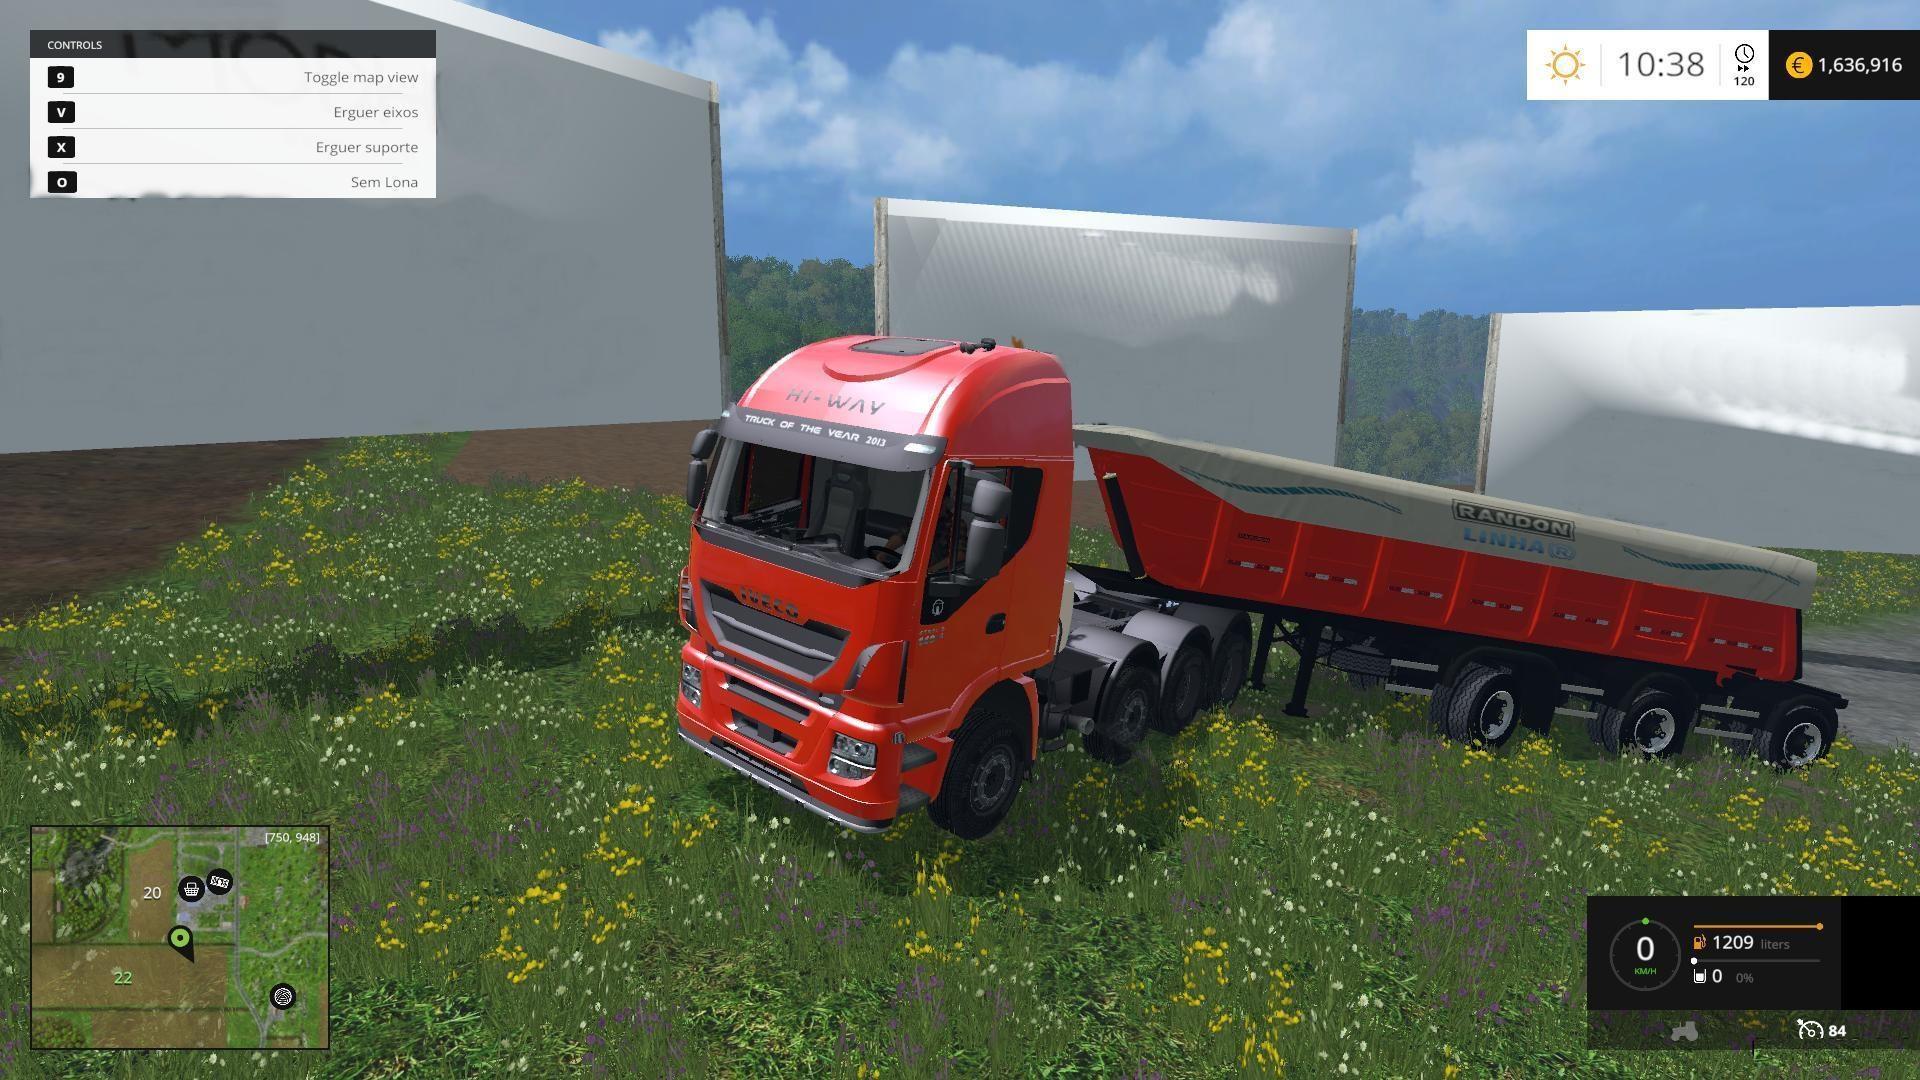 1424170565_iveco-stralis-560-8x4-trailer-v1_1-119